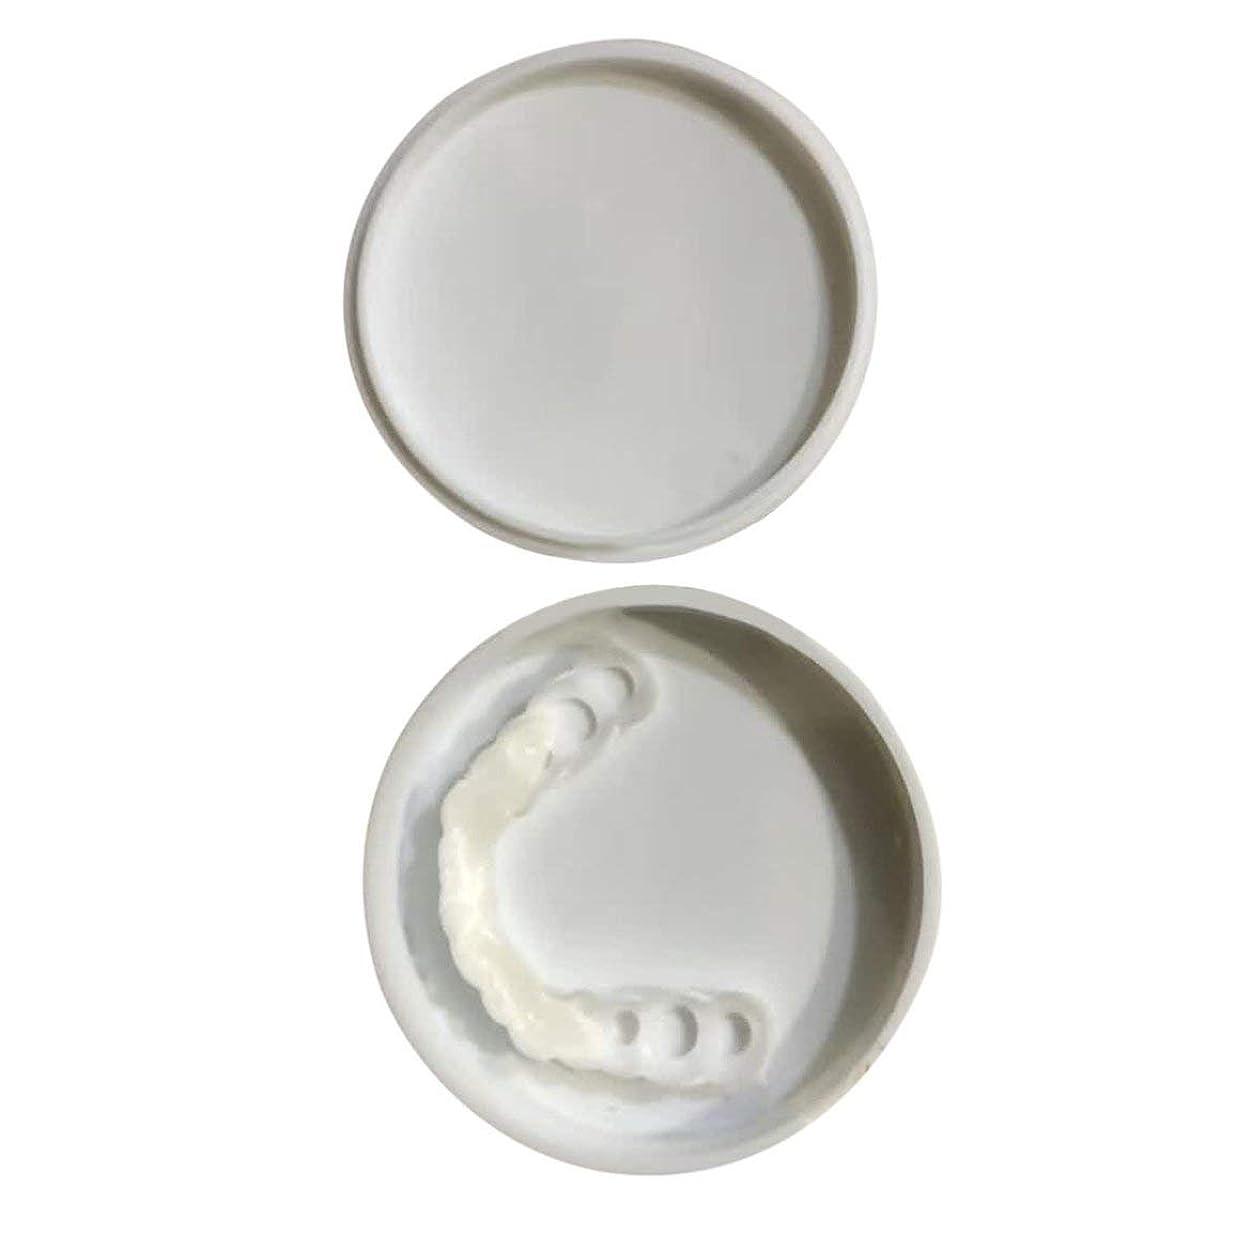 サイレン補助期限快適なスナップオン男性女性歯インスタントパーフェクトスマイルコンフォートフィットフレックス歯フィットホワイトニング笑顔偽歯カバー - ホワイト